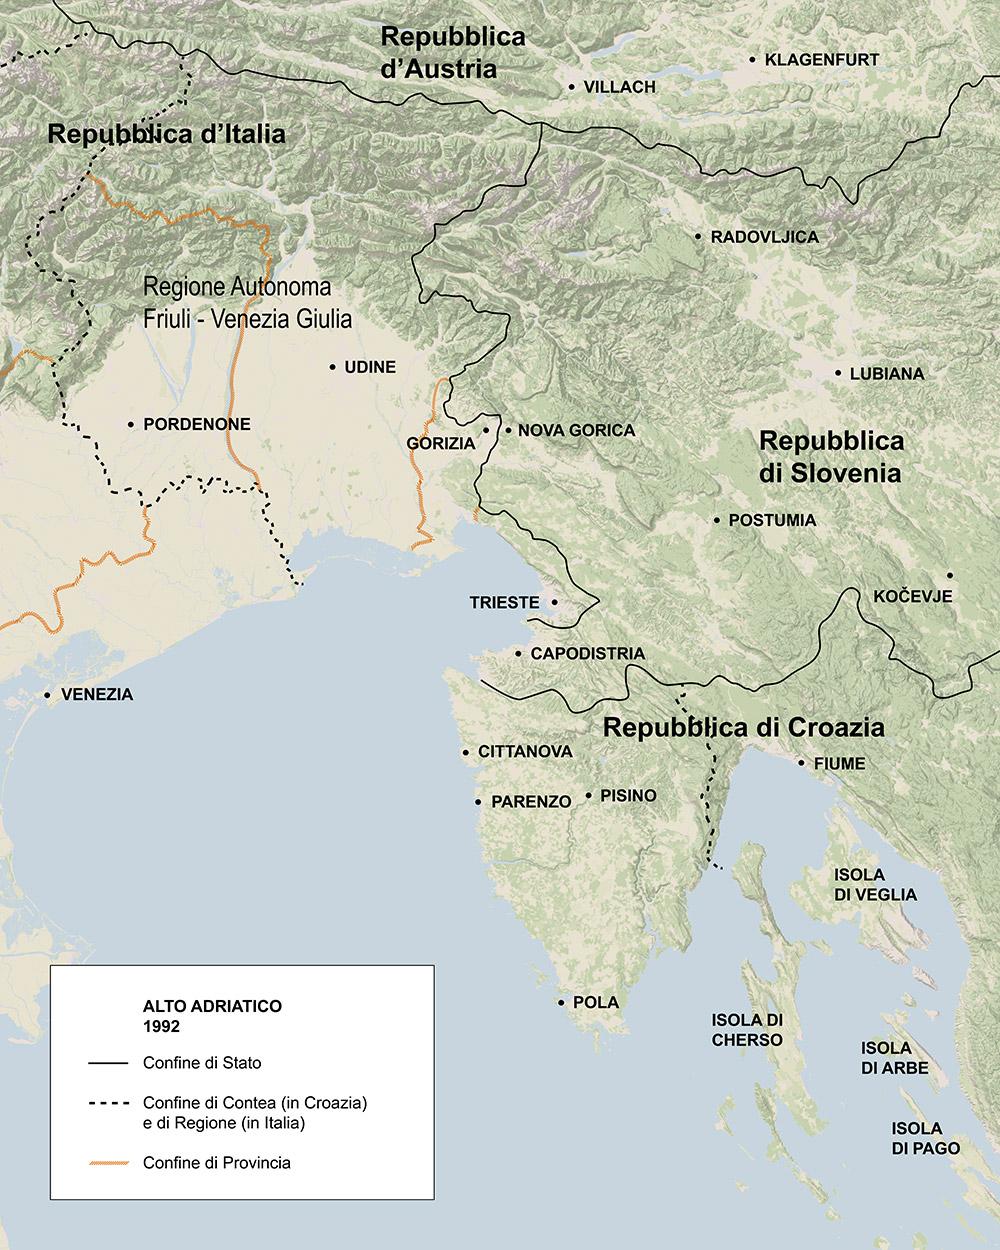 Cartina Della Slovenia E Croazia.Regione Storia Fvg